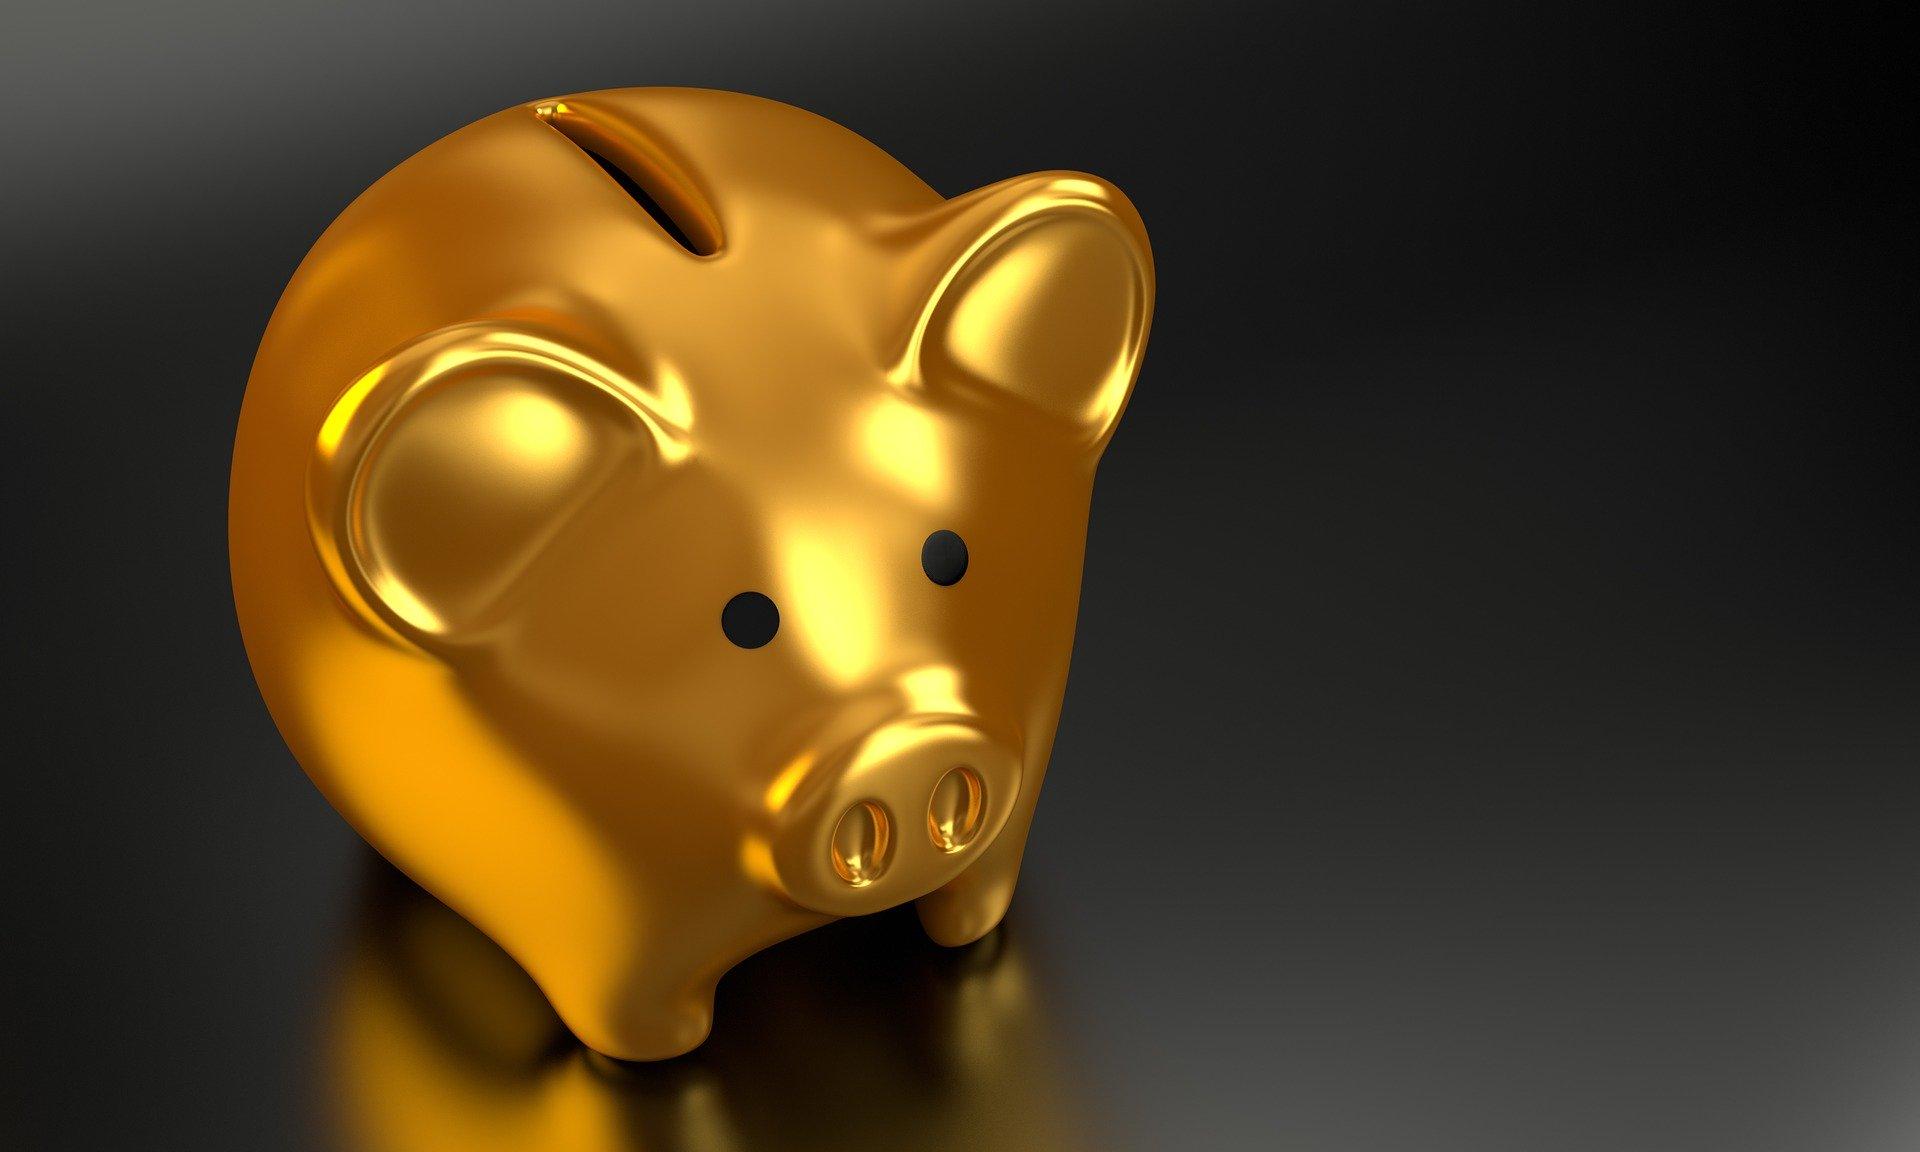 Os aplicativos de finanças são ótimas ferramentas de apoio a gestão do seu dinheiro